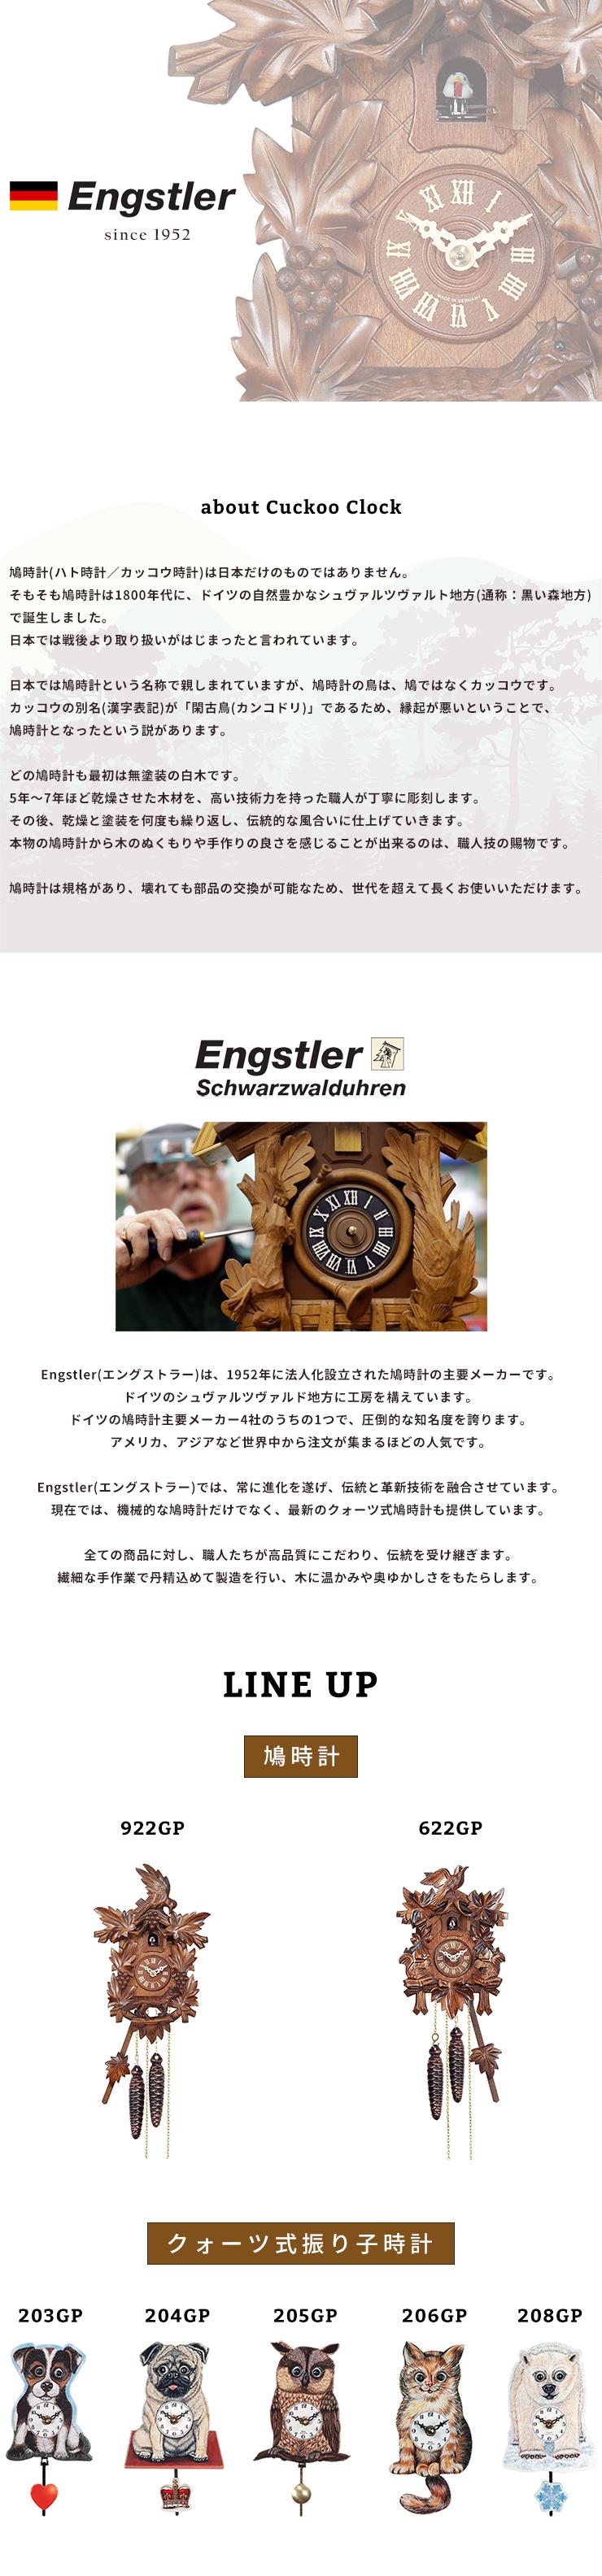 鳩時計 カッコー時計 エングストラー Engstler